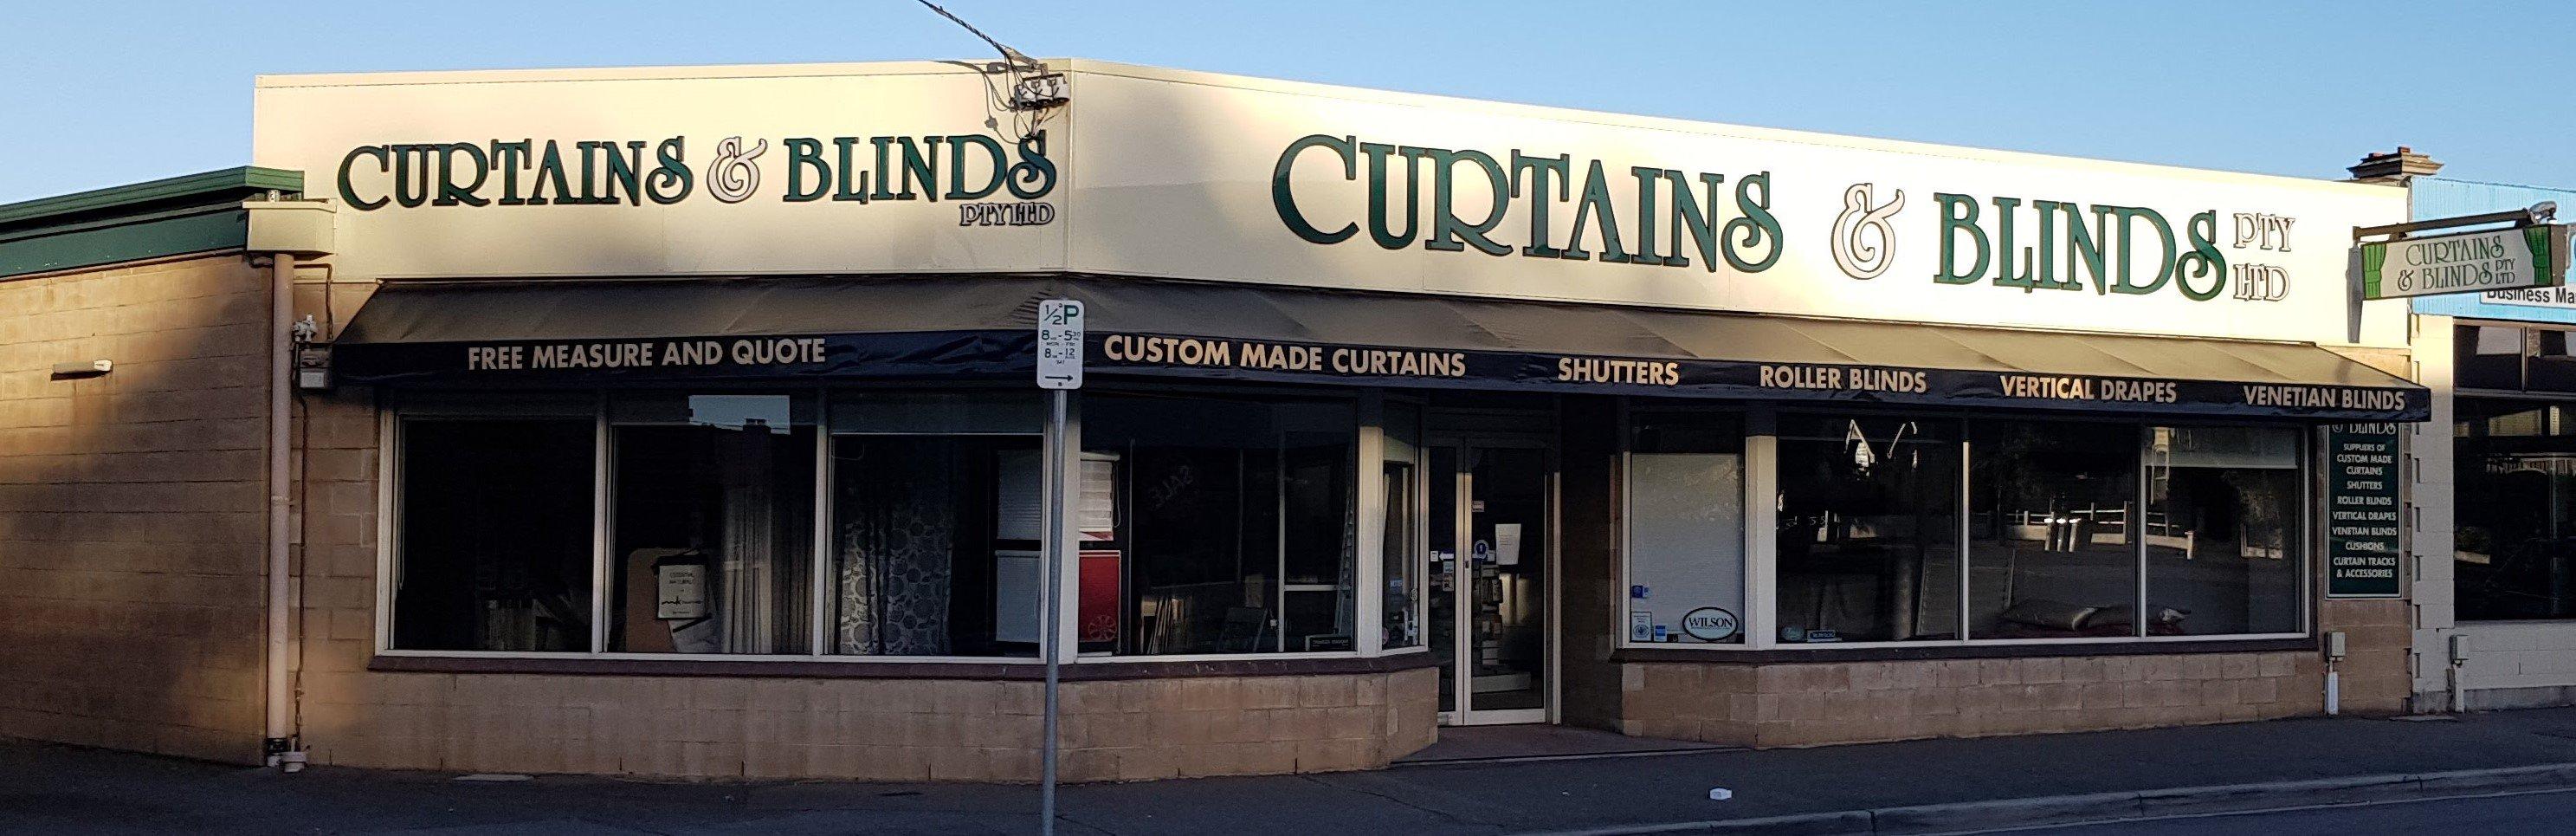 Curtains & Blinds Launceston